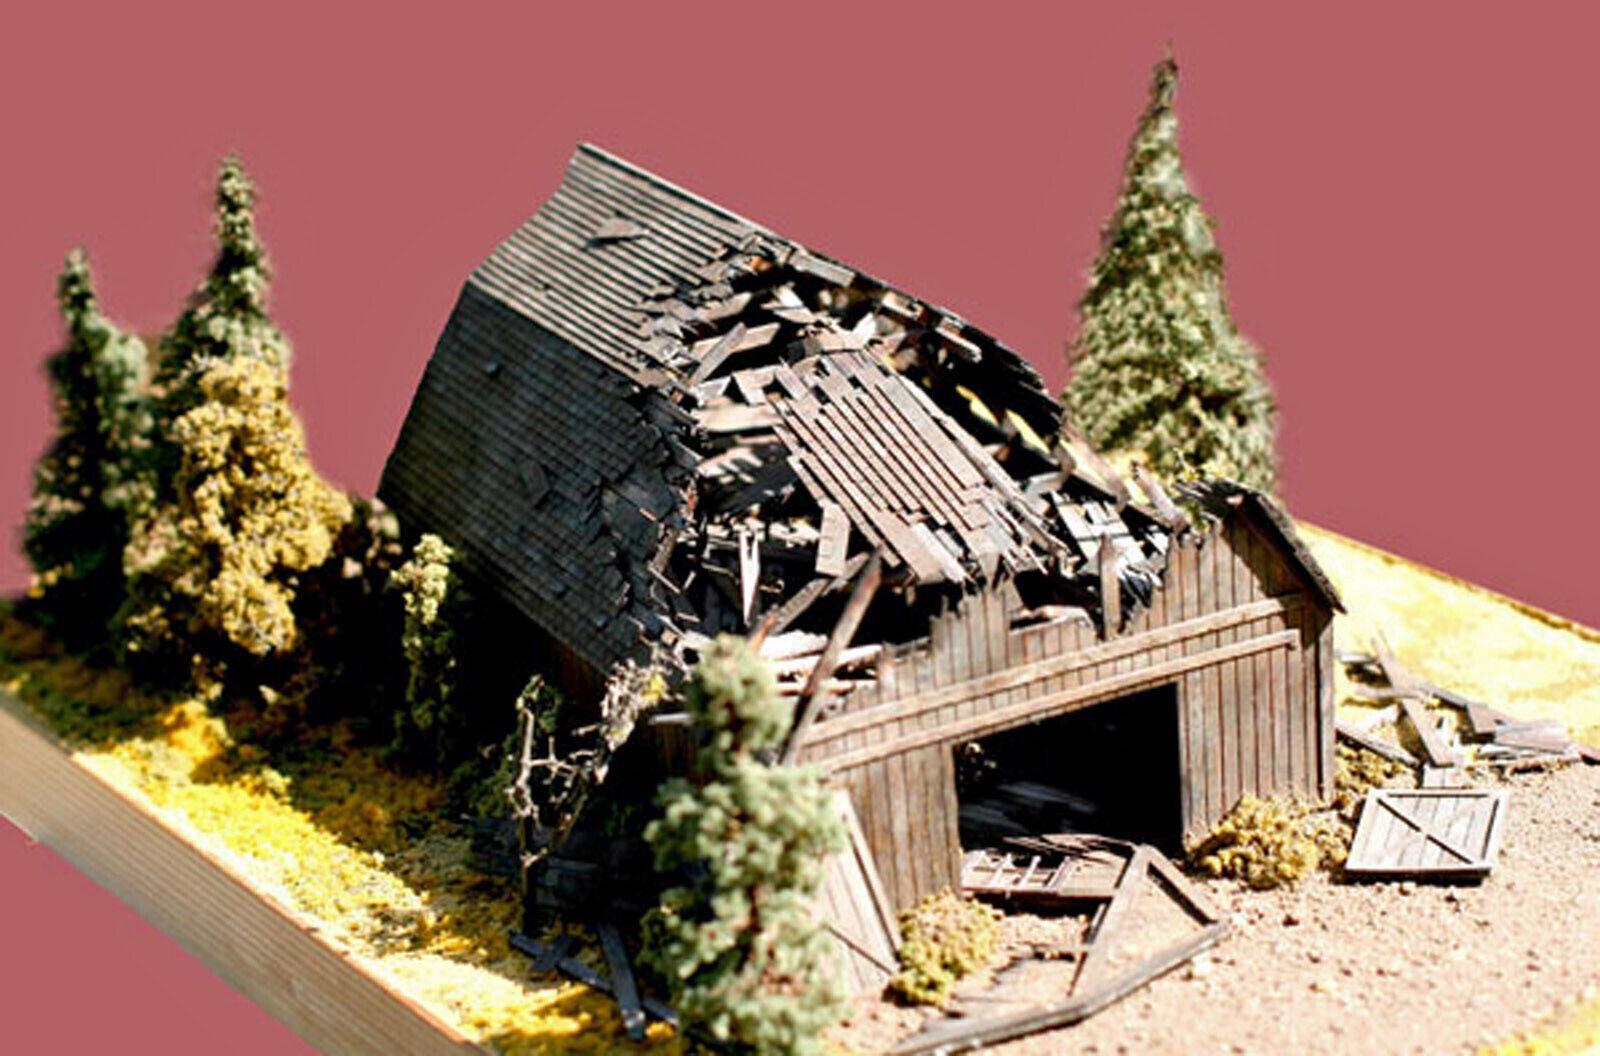 FALLEN BARN HO Model Railroad Structure Unpainted Laser-Cut Wood Kit LA649